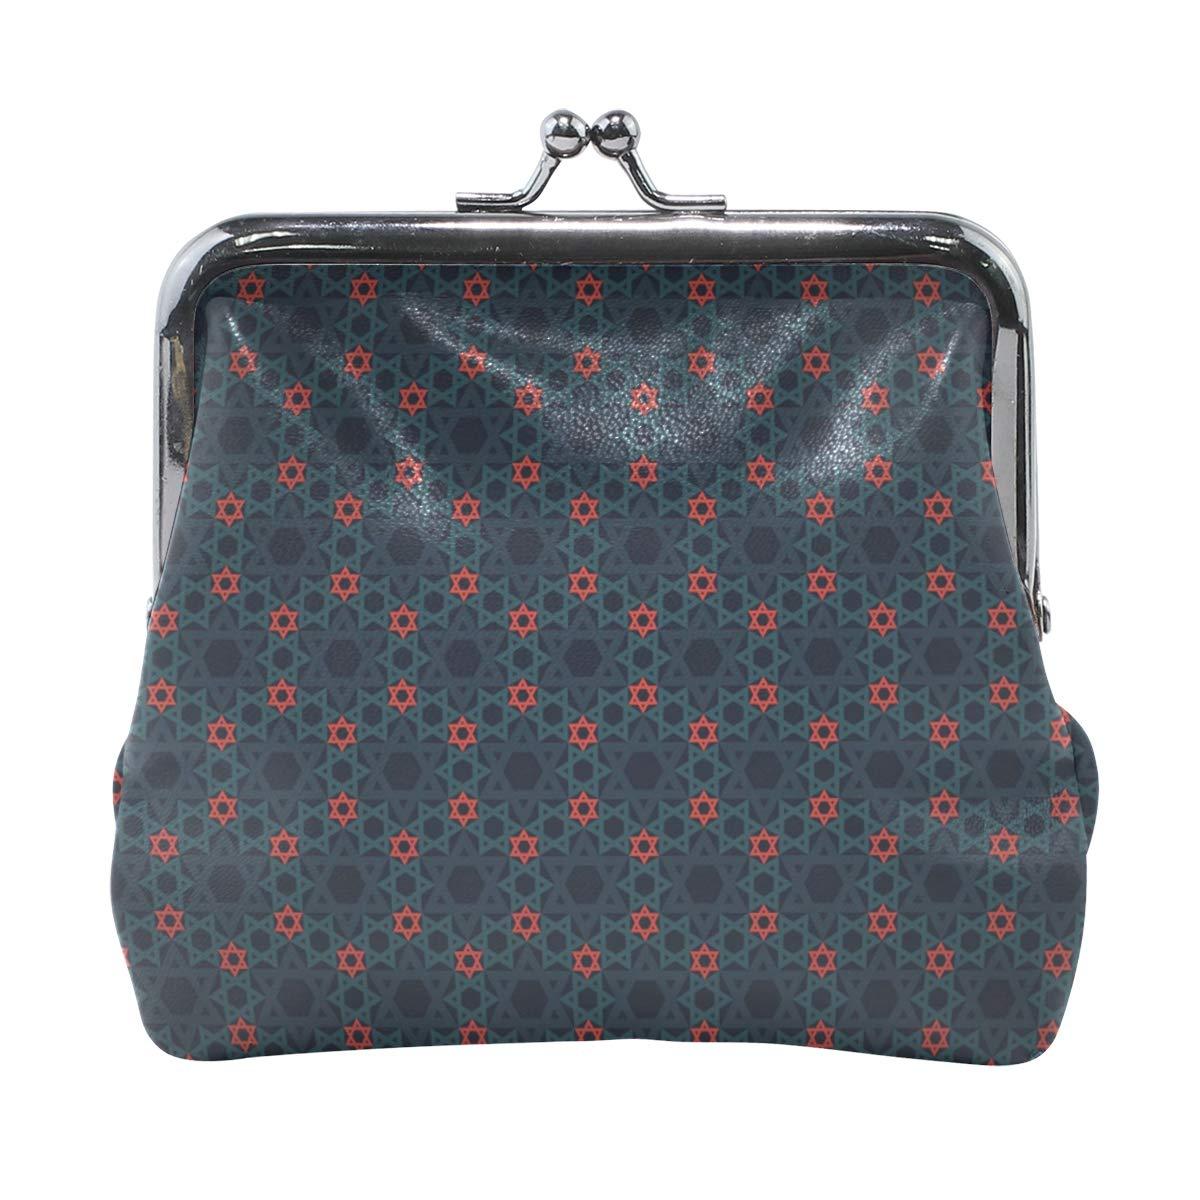 LALATOP Stars Womens Coin Pouch Purse wallet Card Holder Clutch Handbag